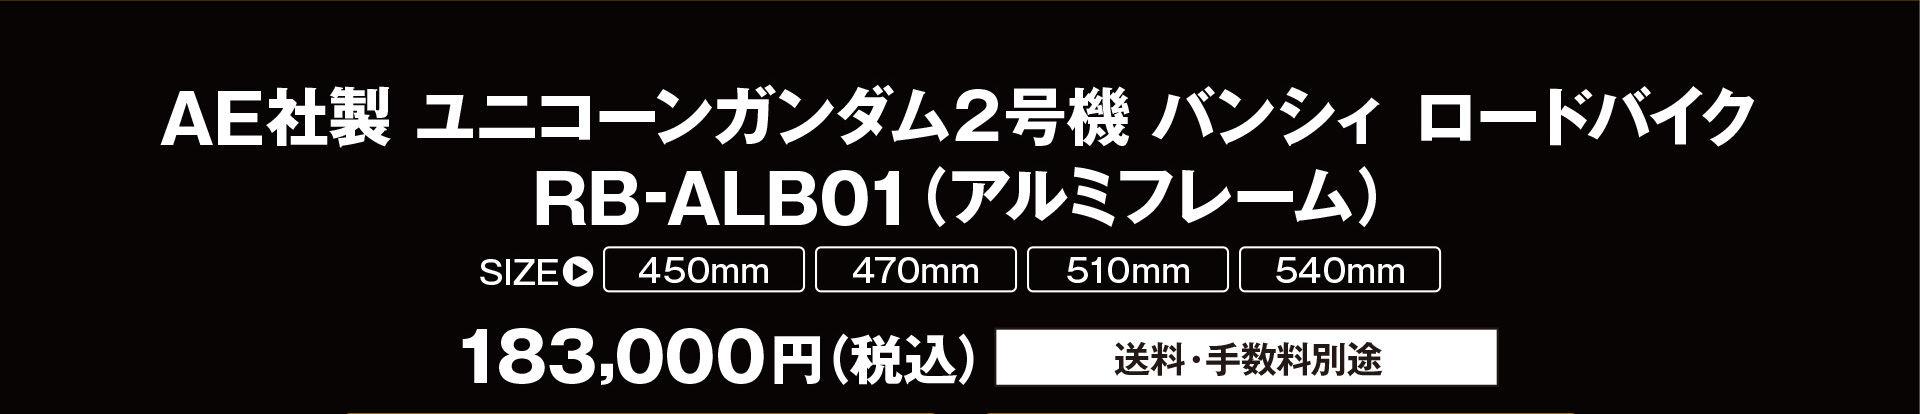 バンシィ・ノルン ロードバイク RB-ALB01(アルミフレーム)